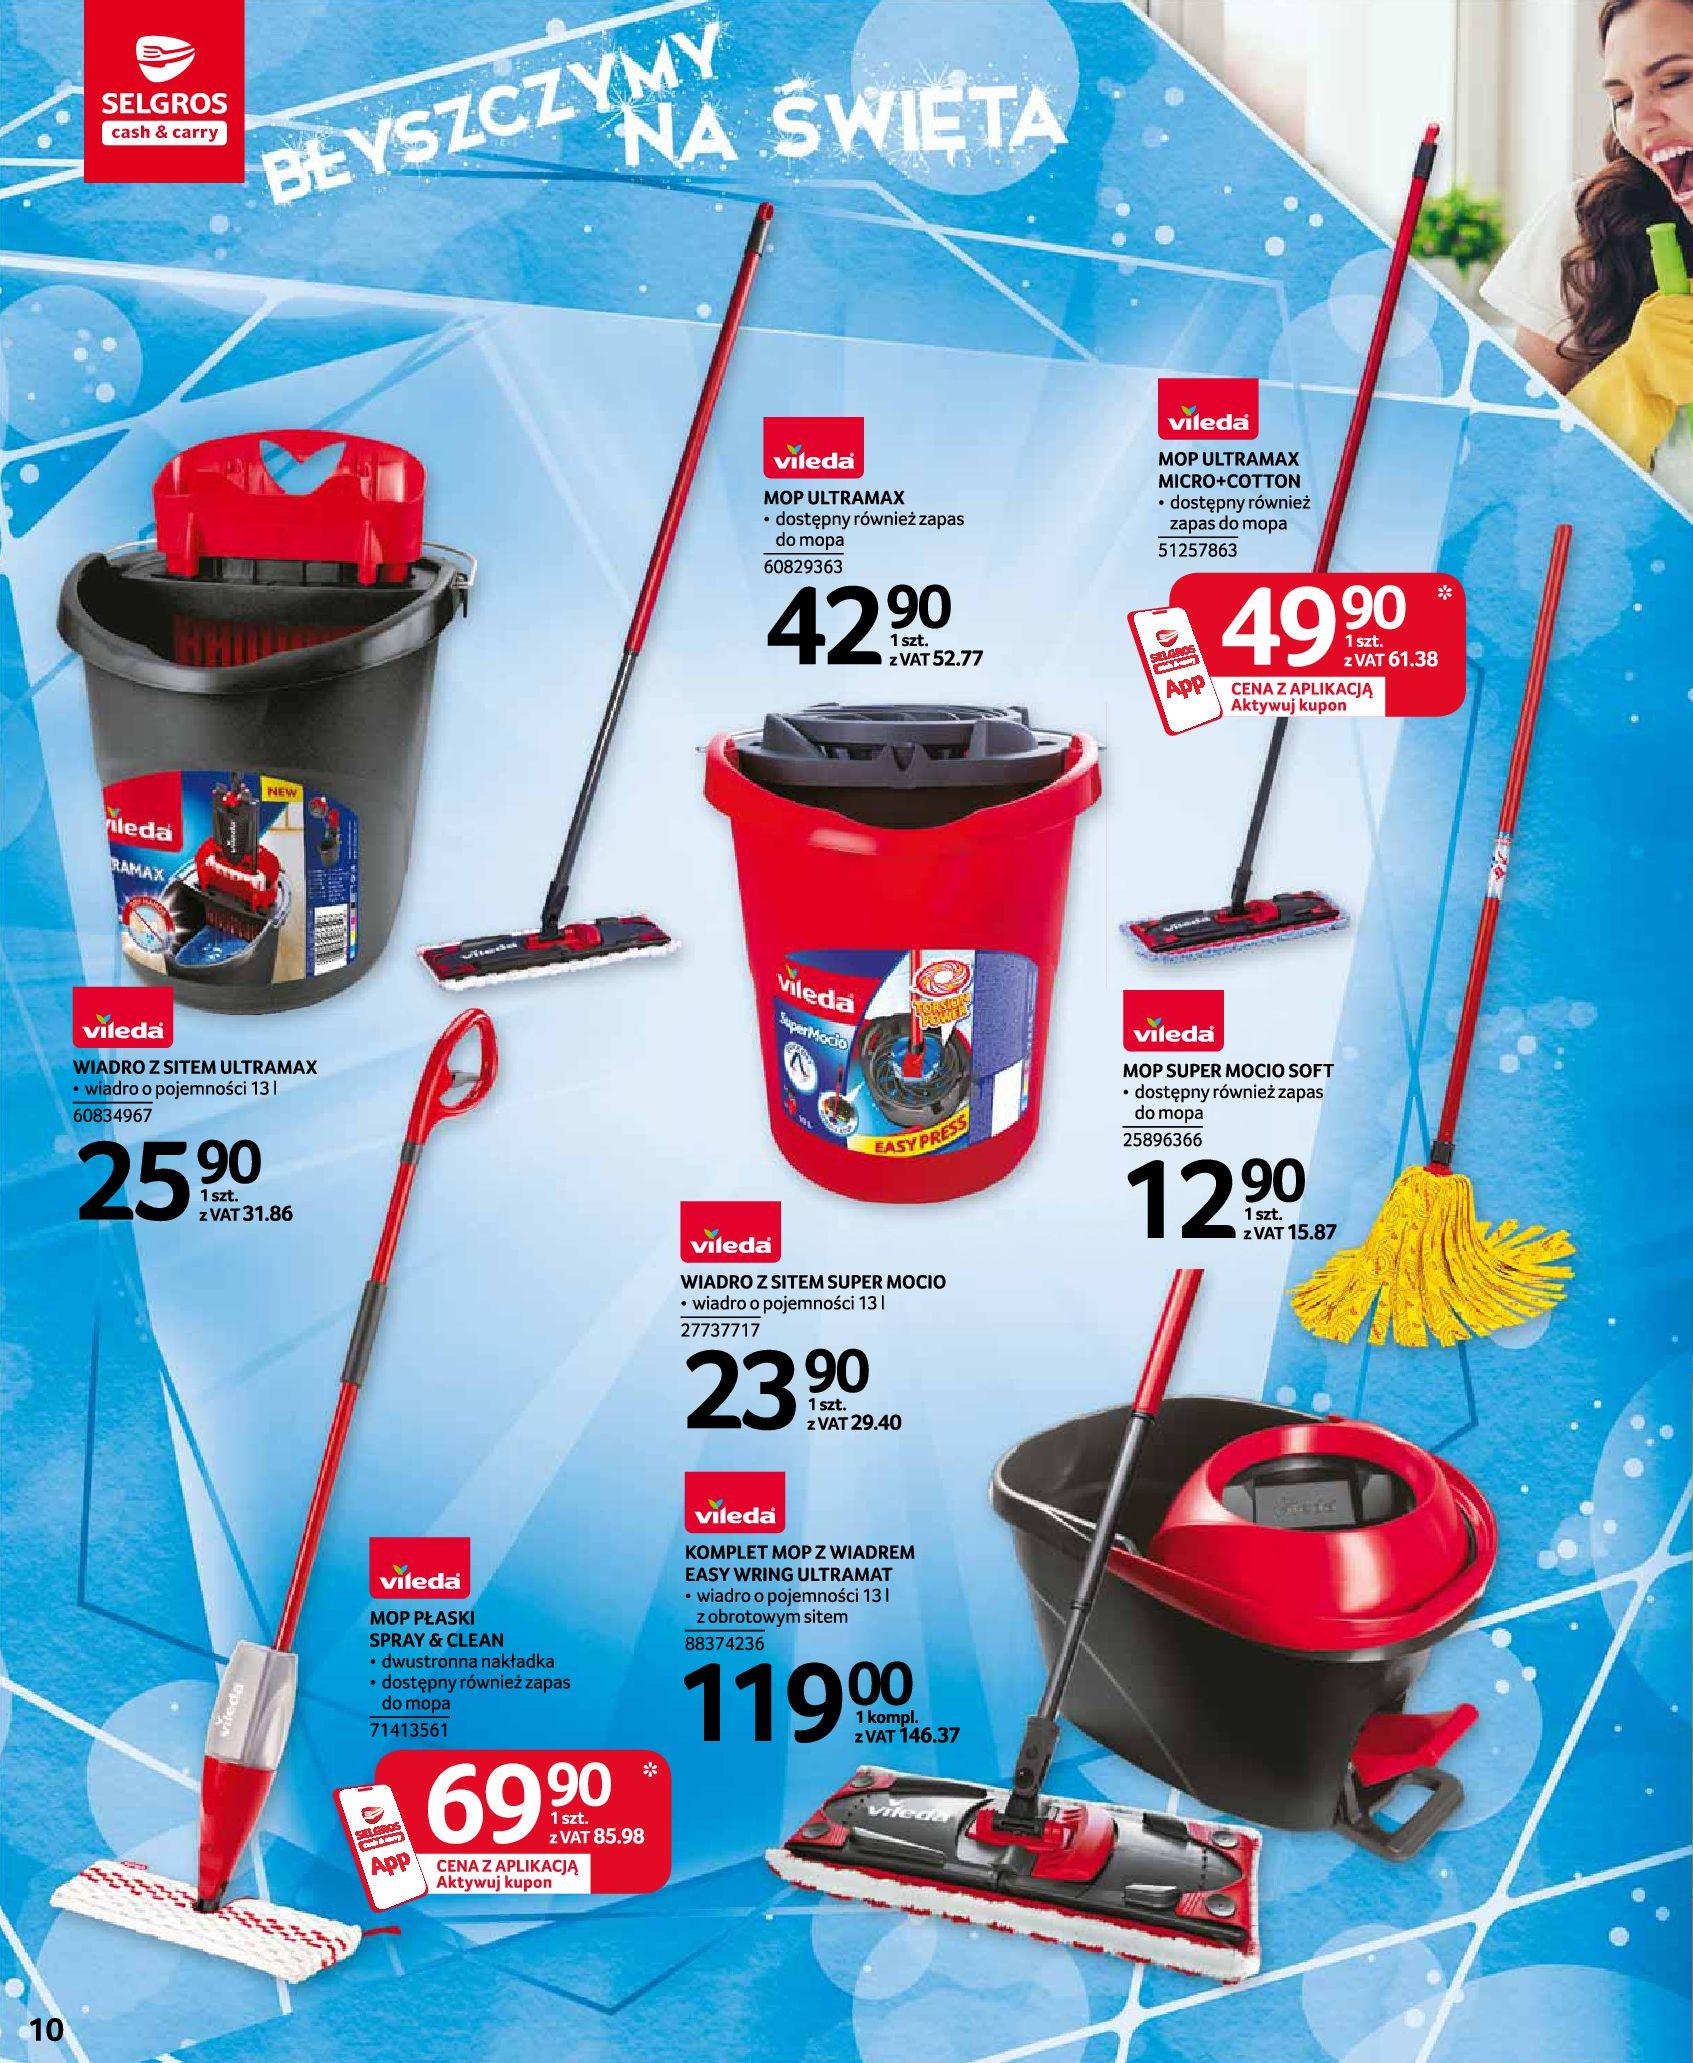 Gazetka Selgros: Katalog Sprzątanie 2020-11-19 page-10